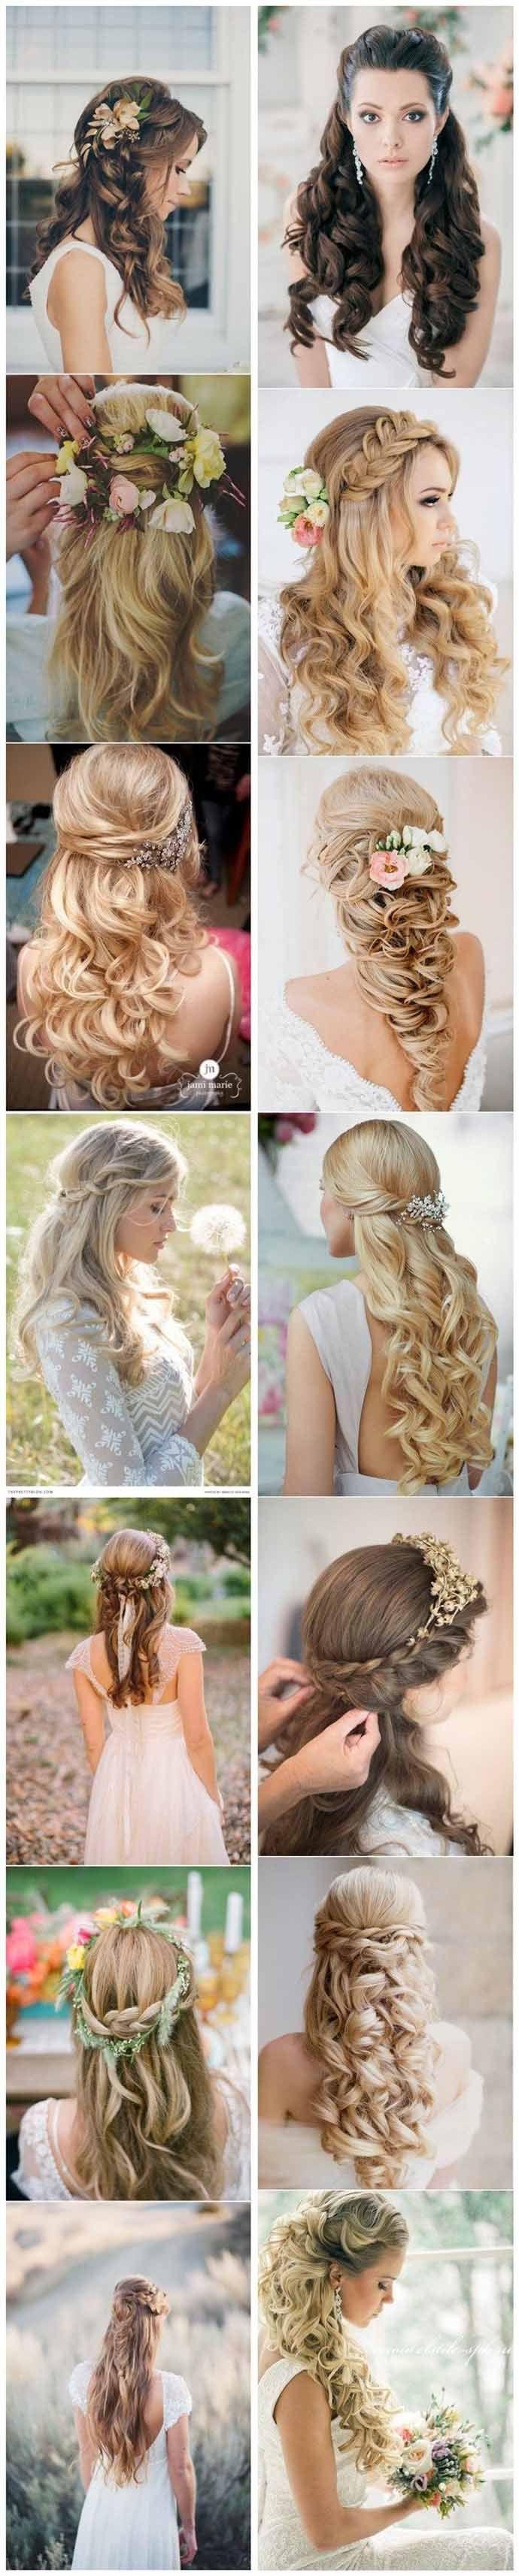 Super fryzury panien młodych na rozpuszczone włosy